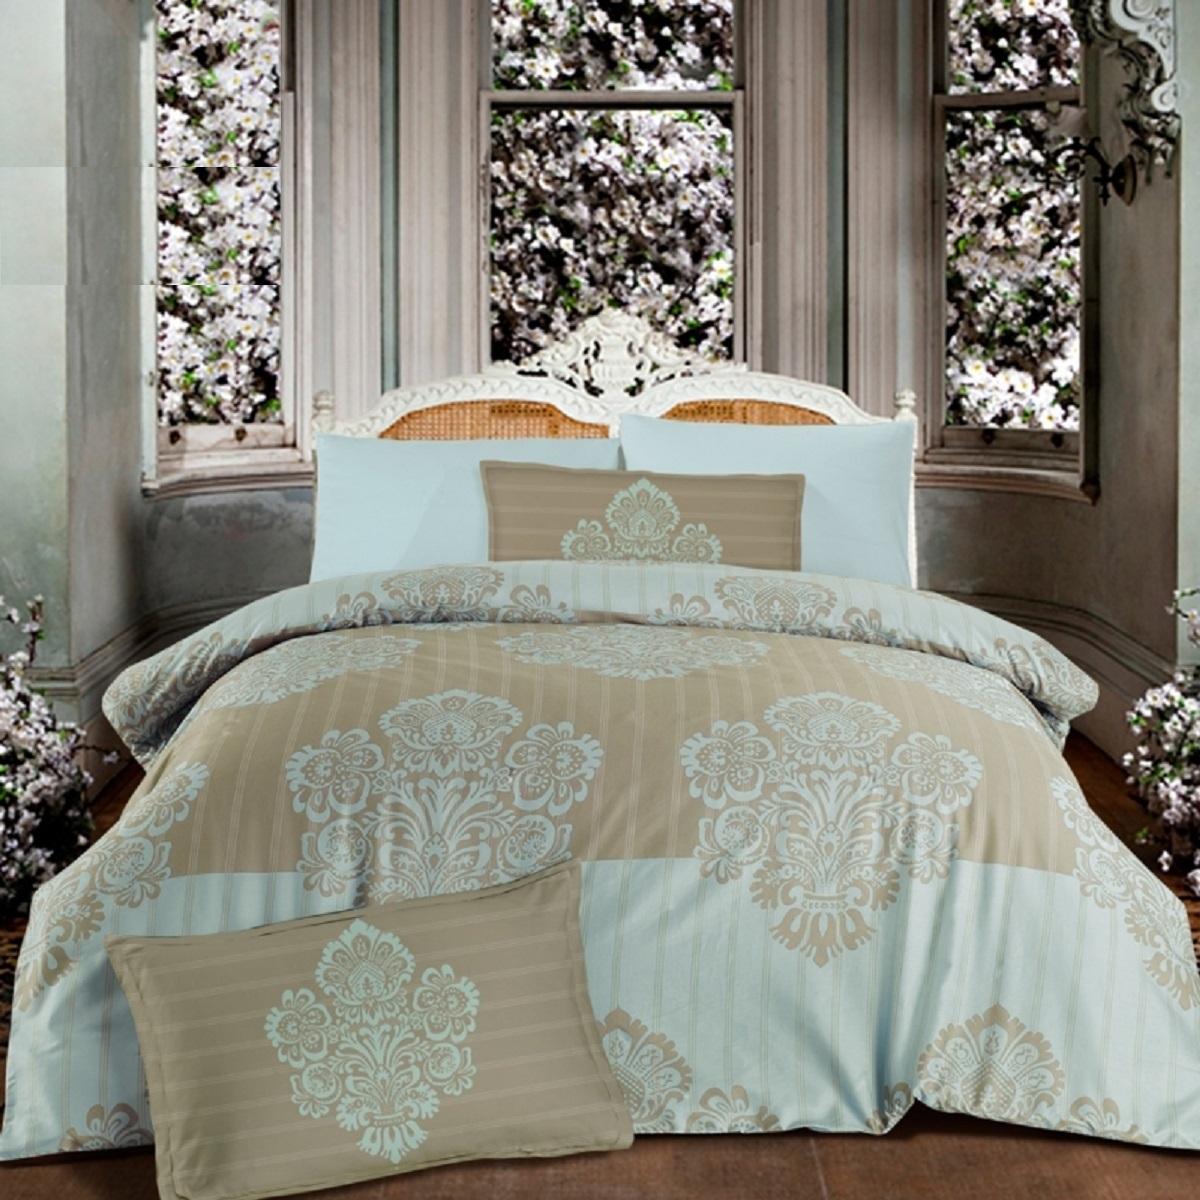 Комплект белья Altinbasak Barok, 2-спальный, наволочки 50х70, цвет: бежевый256/5/CHAR002